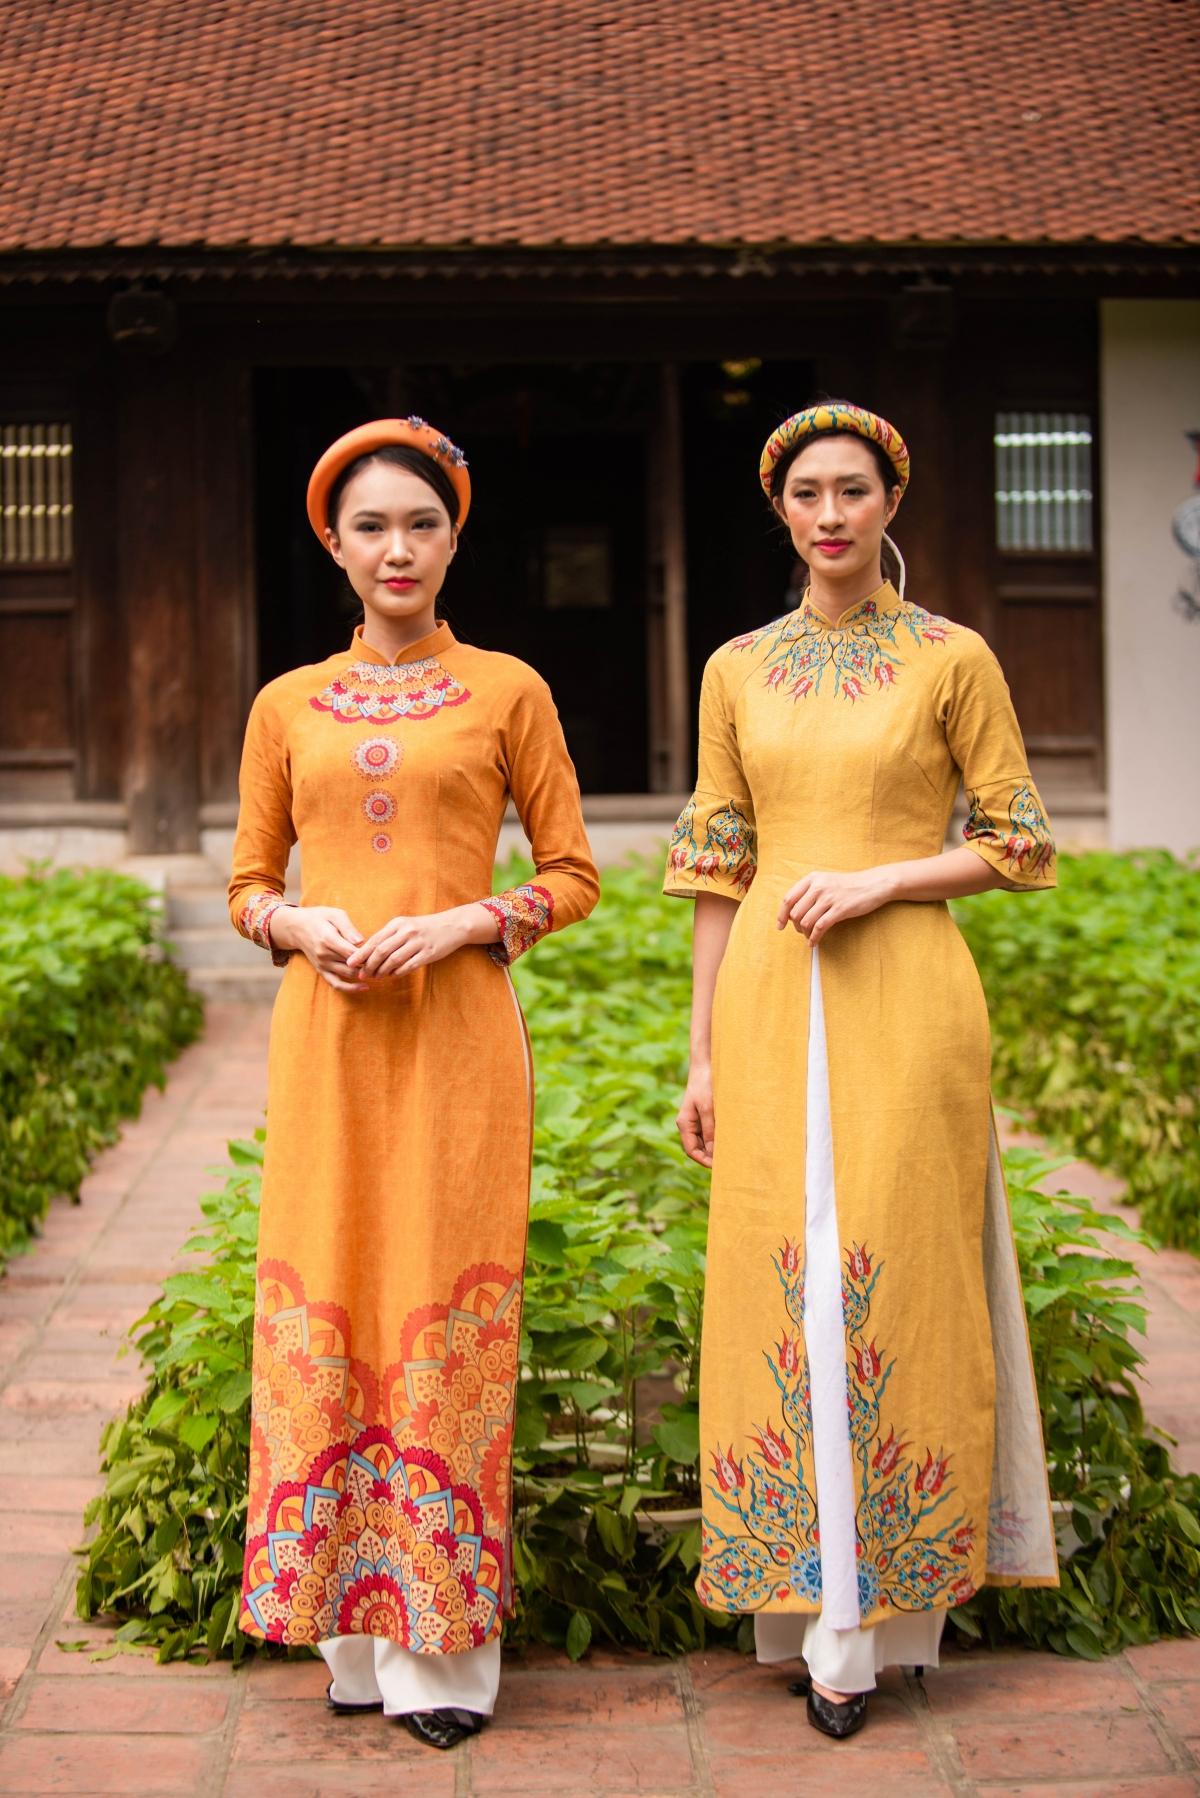 Áo dài Việt Nam không chỉ mang tính dân tộc ở hình thức mà còn ở chất liệu truyền thống từ tơ tằm và cây gai. Do đó các mẫu áo dài trong sự kiện tại Di tích Văn Miếu - Quốc Tử Giám chủ yếu được làm từ gai và lụa tơ tằm.